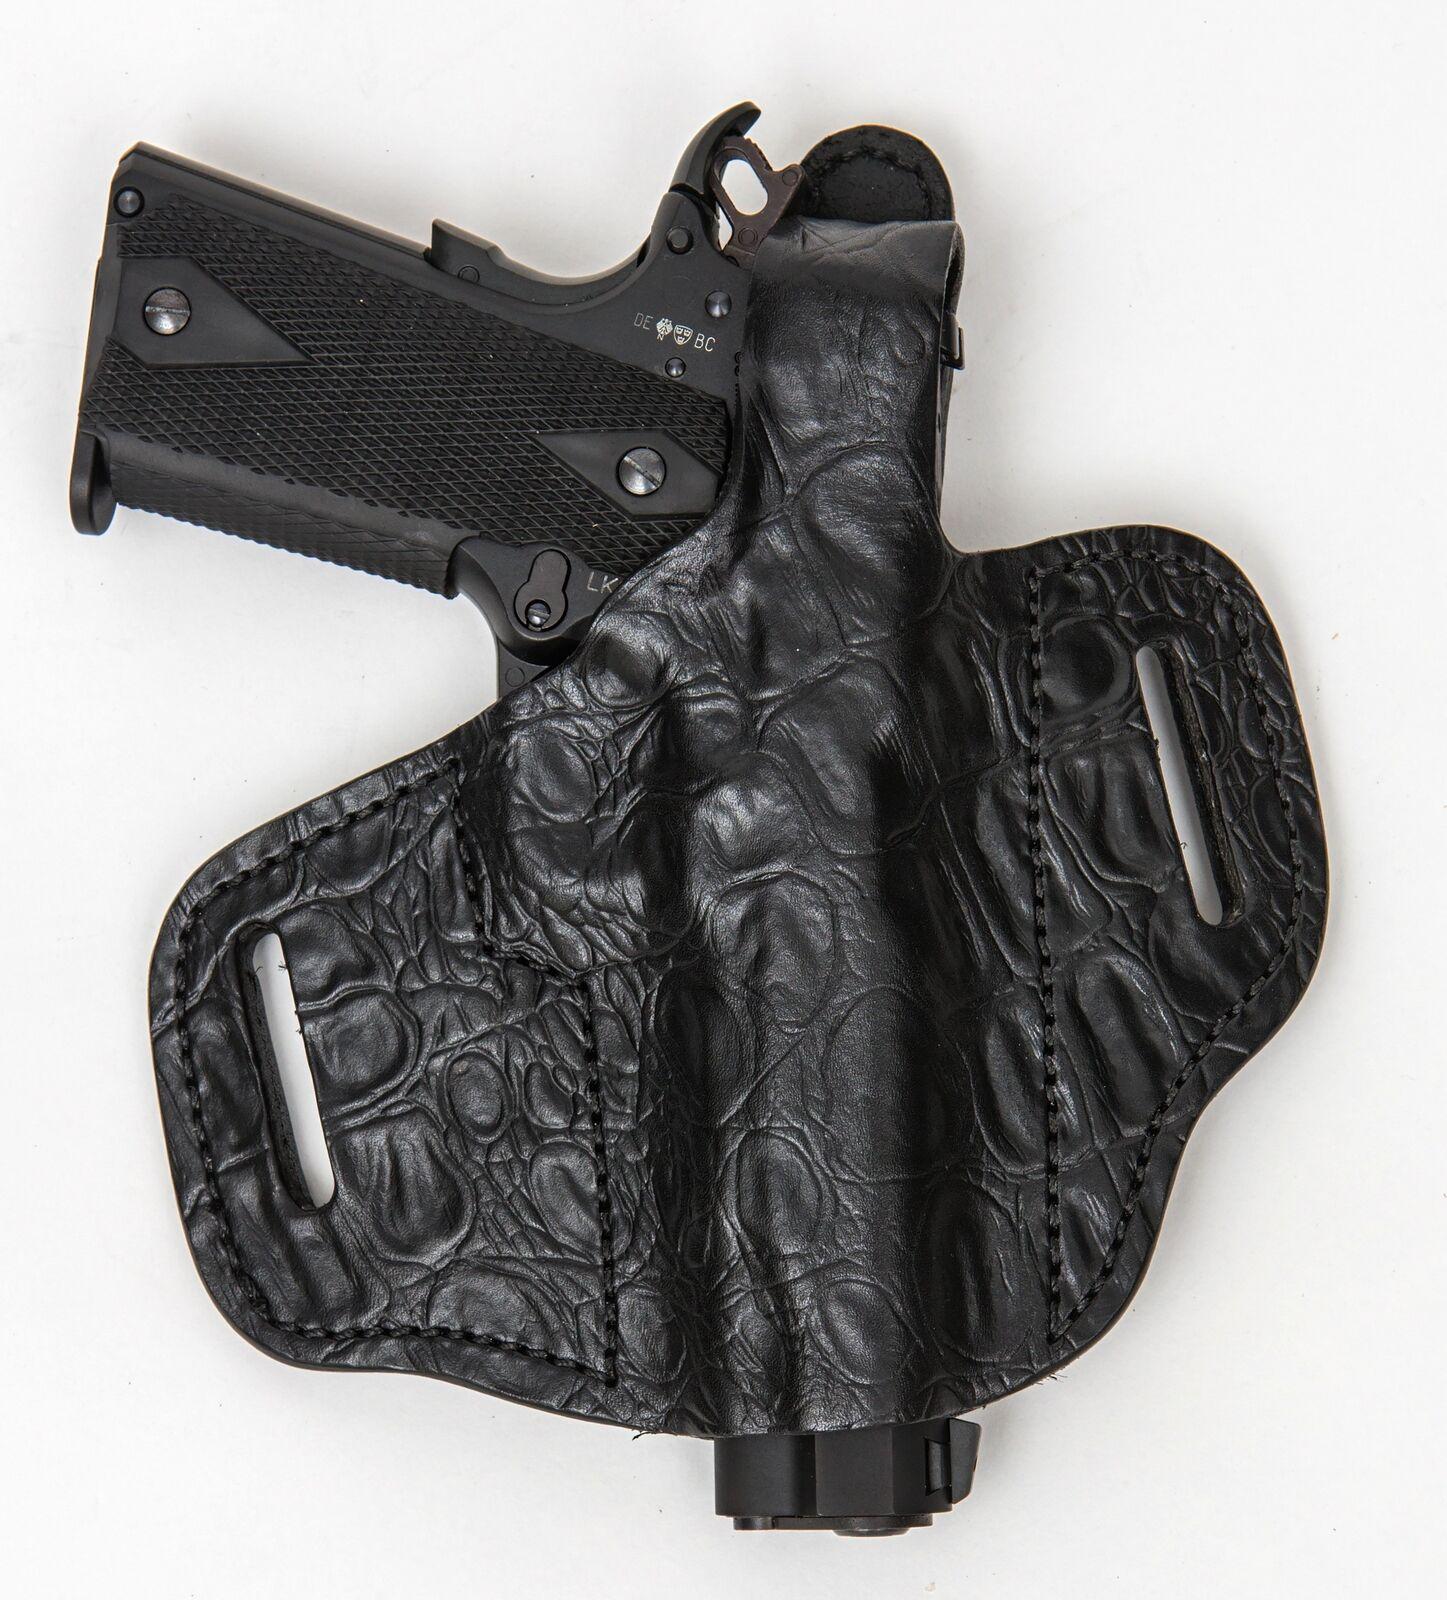 En servicio ocultar RH LH owb Cuero Funda Pistola Para Ruger SR9c con laserguard CT